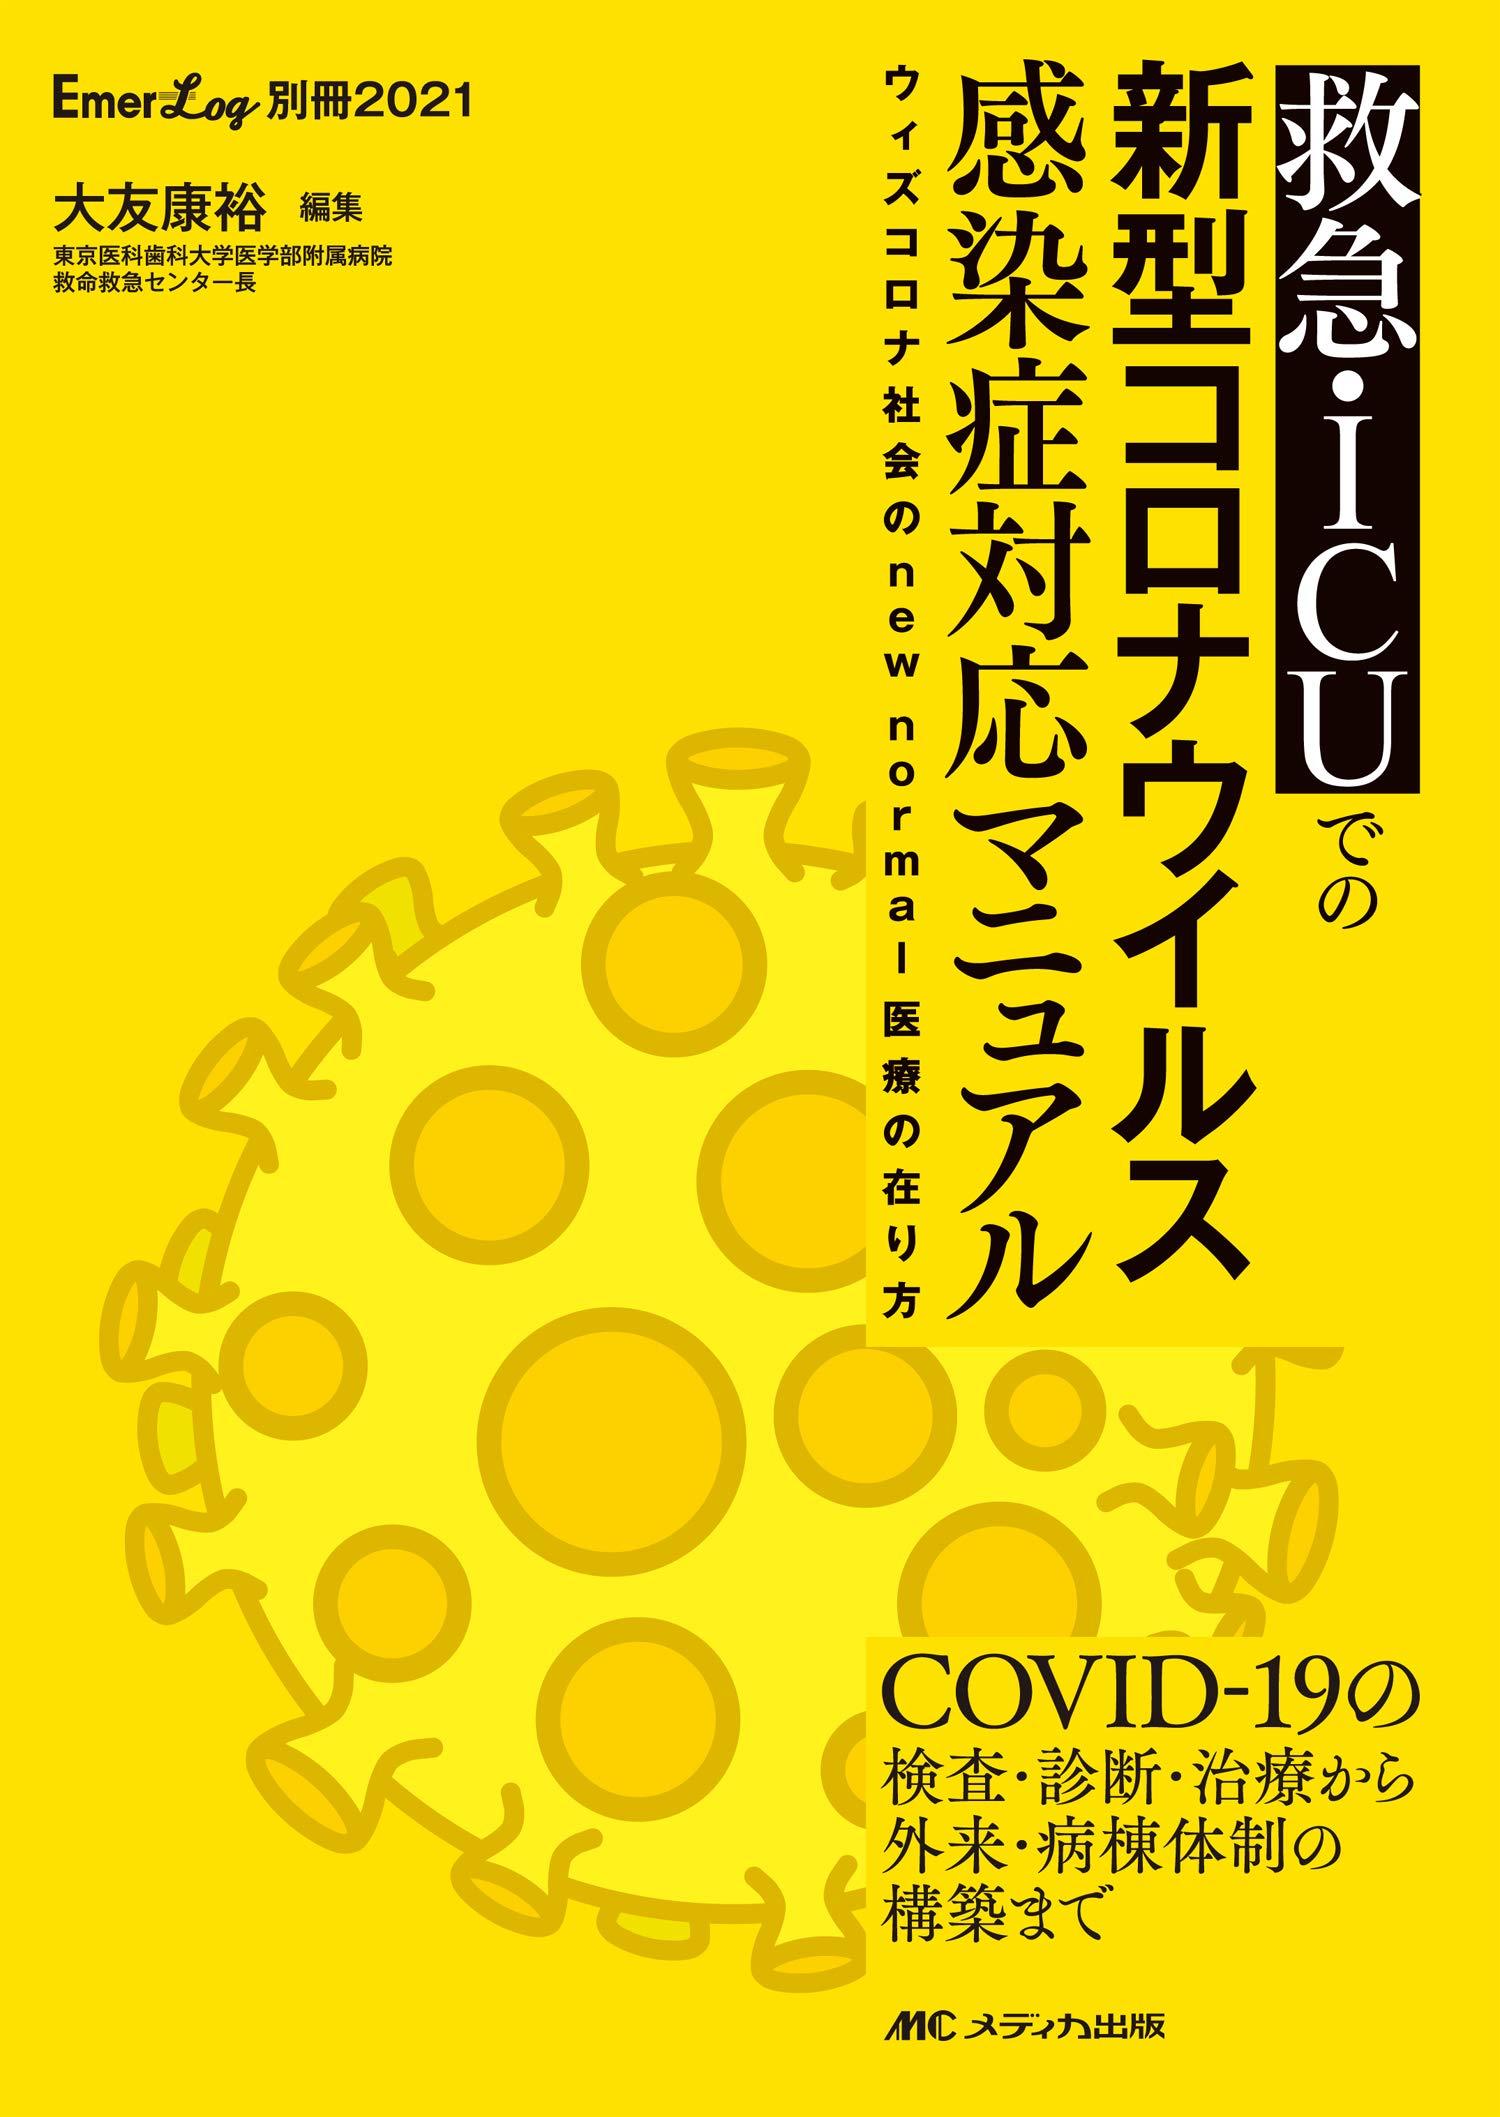 大学 コロナ 病院 医科 東京 歯科